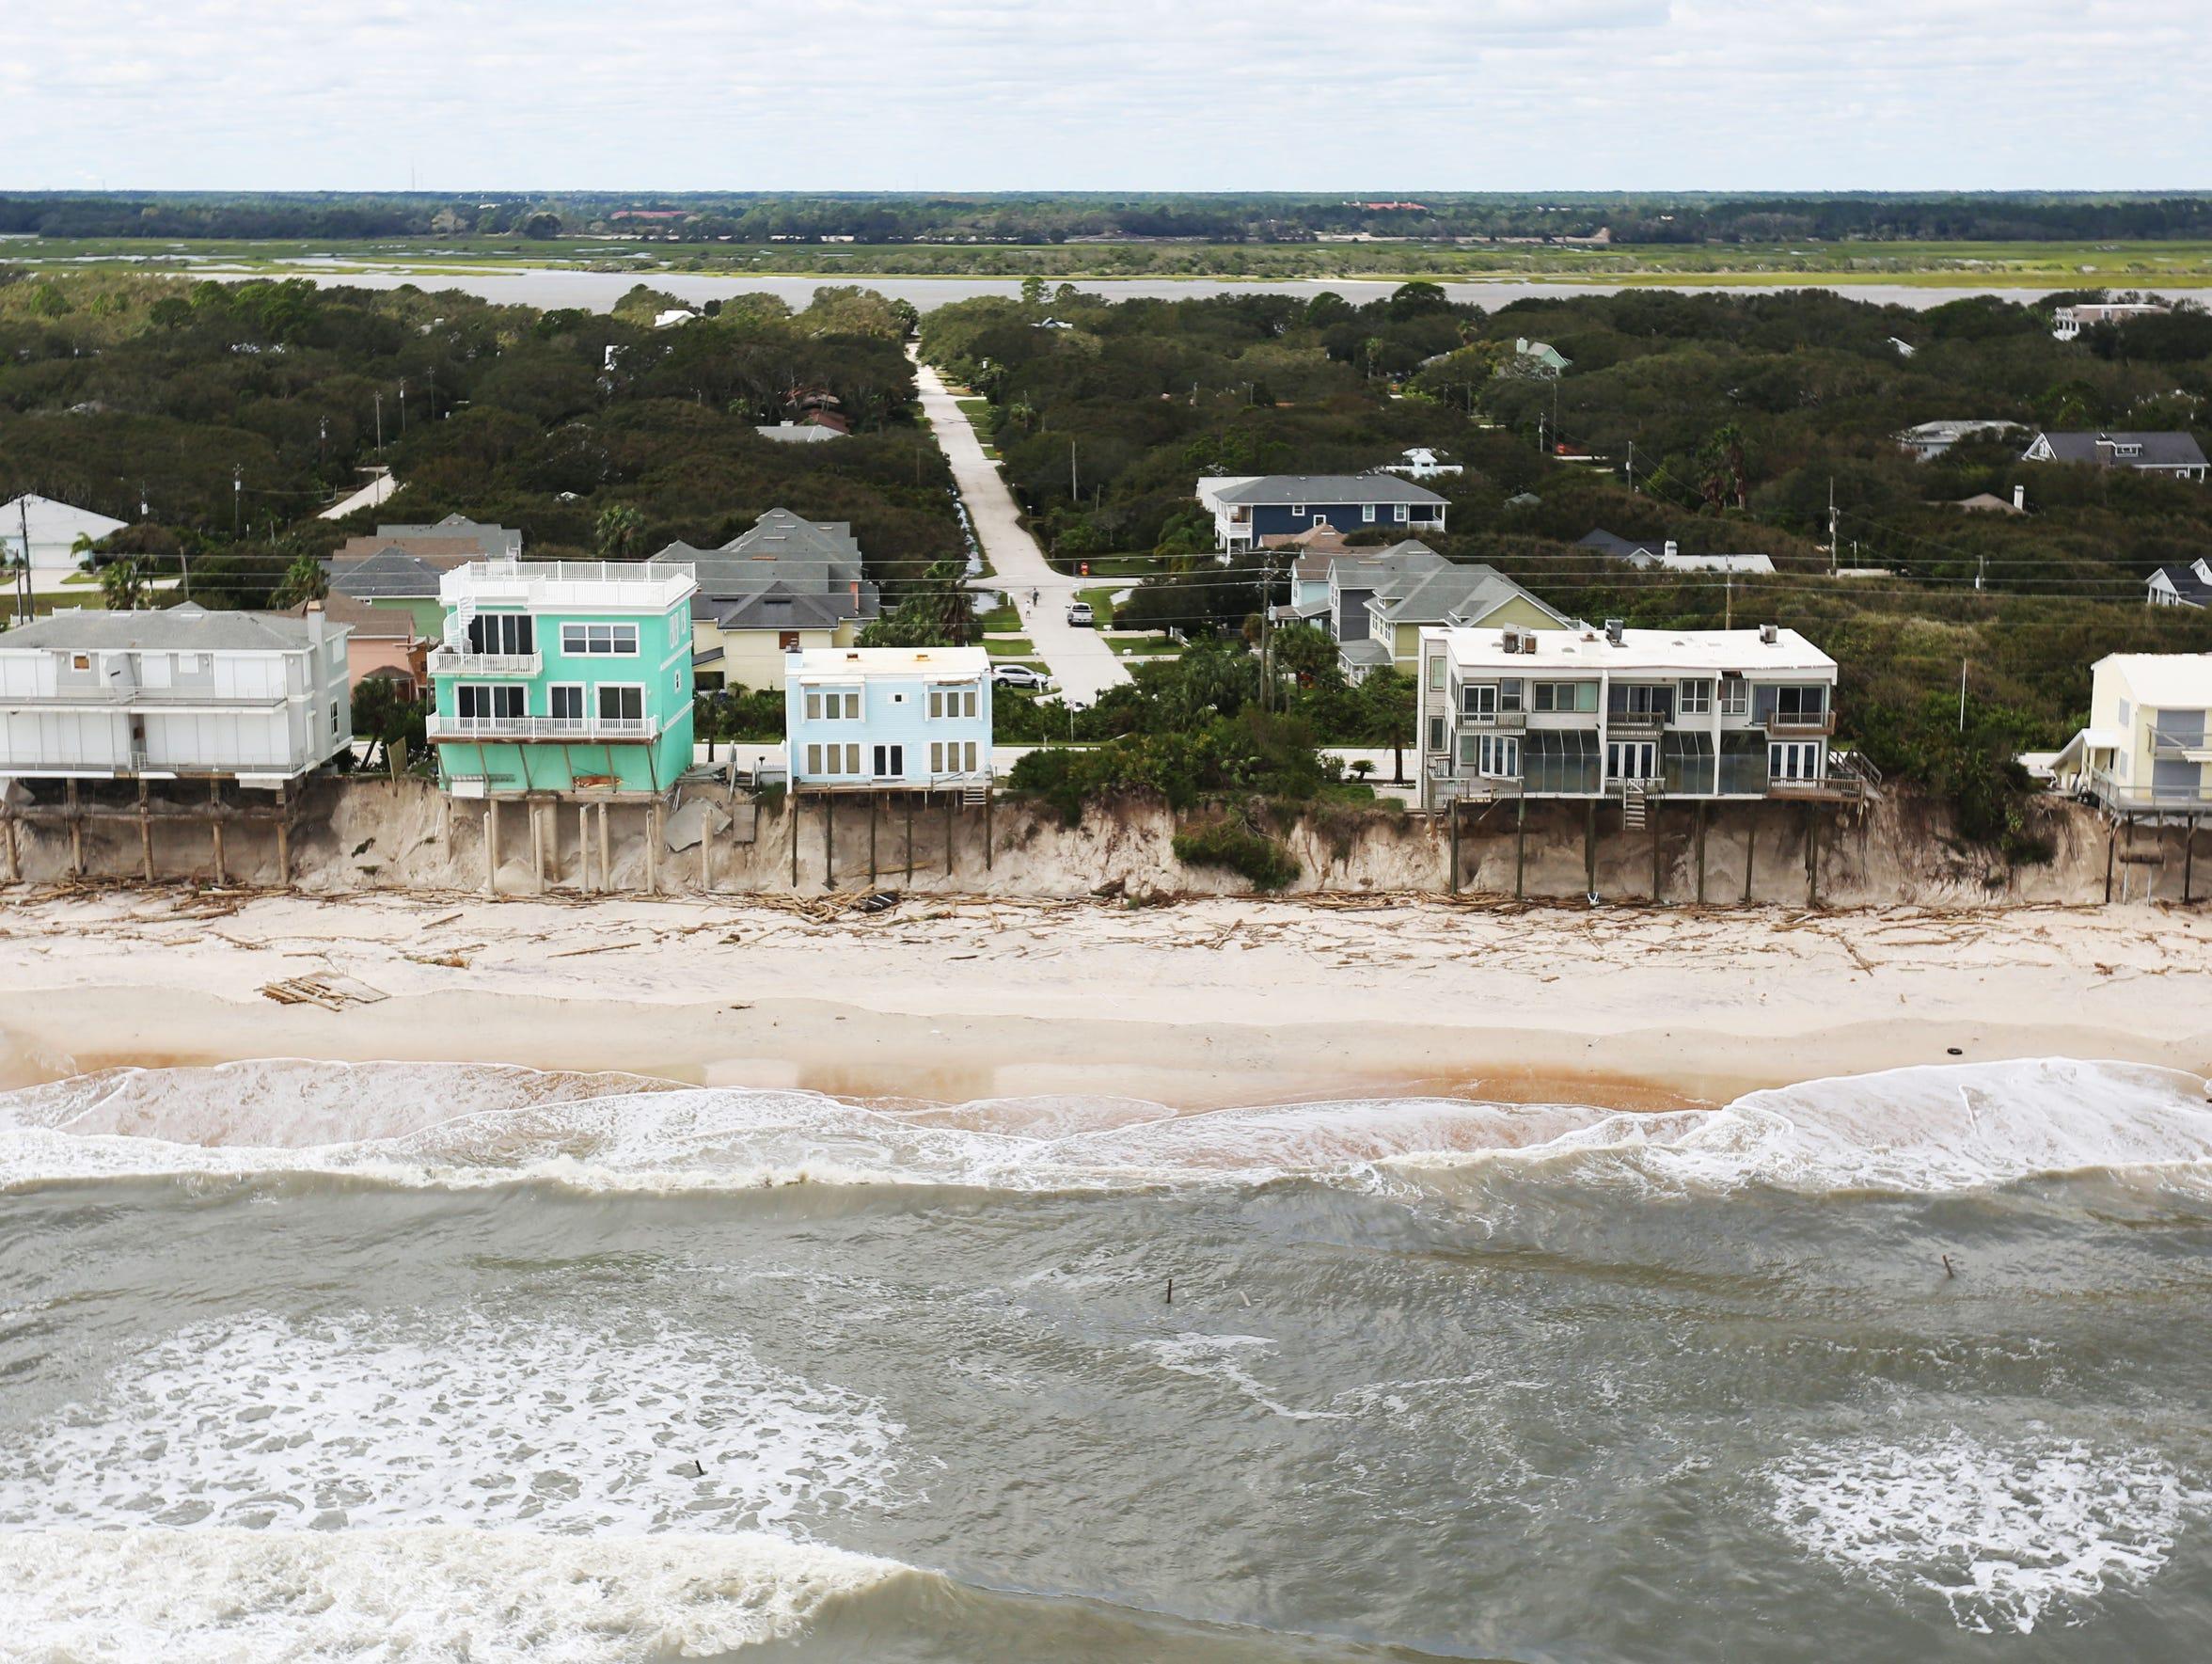 Beach erosion from Hurricane Matthew can be seen along